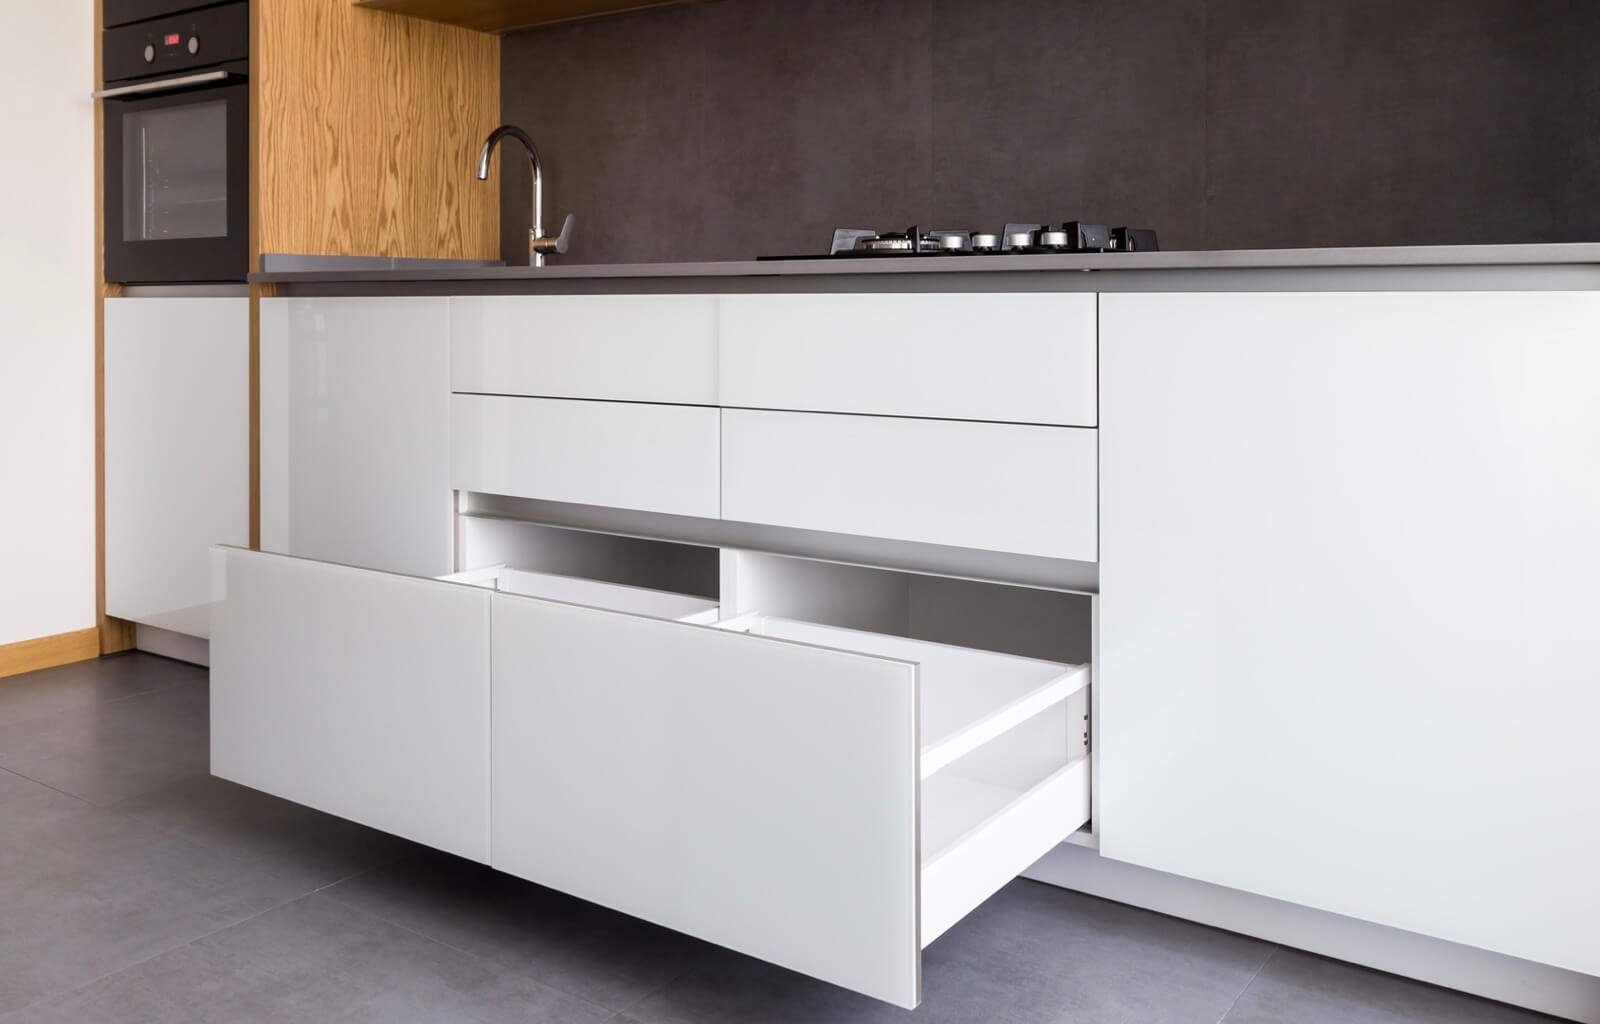 Full Size of Willhaben Komplettküche Miele Komplettküche Komplettküche Kaufen Einbauküche Ohne Kühlschrank Küche Einbauküche Ohne Kühlschrank